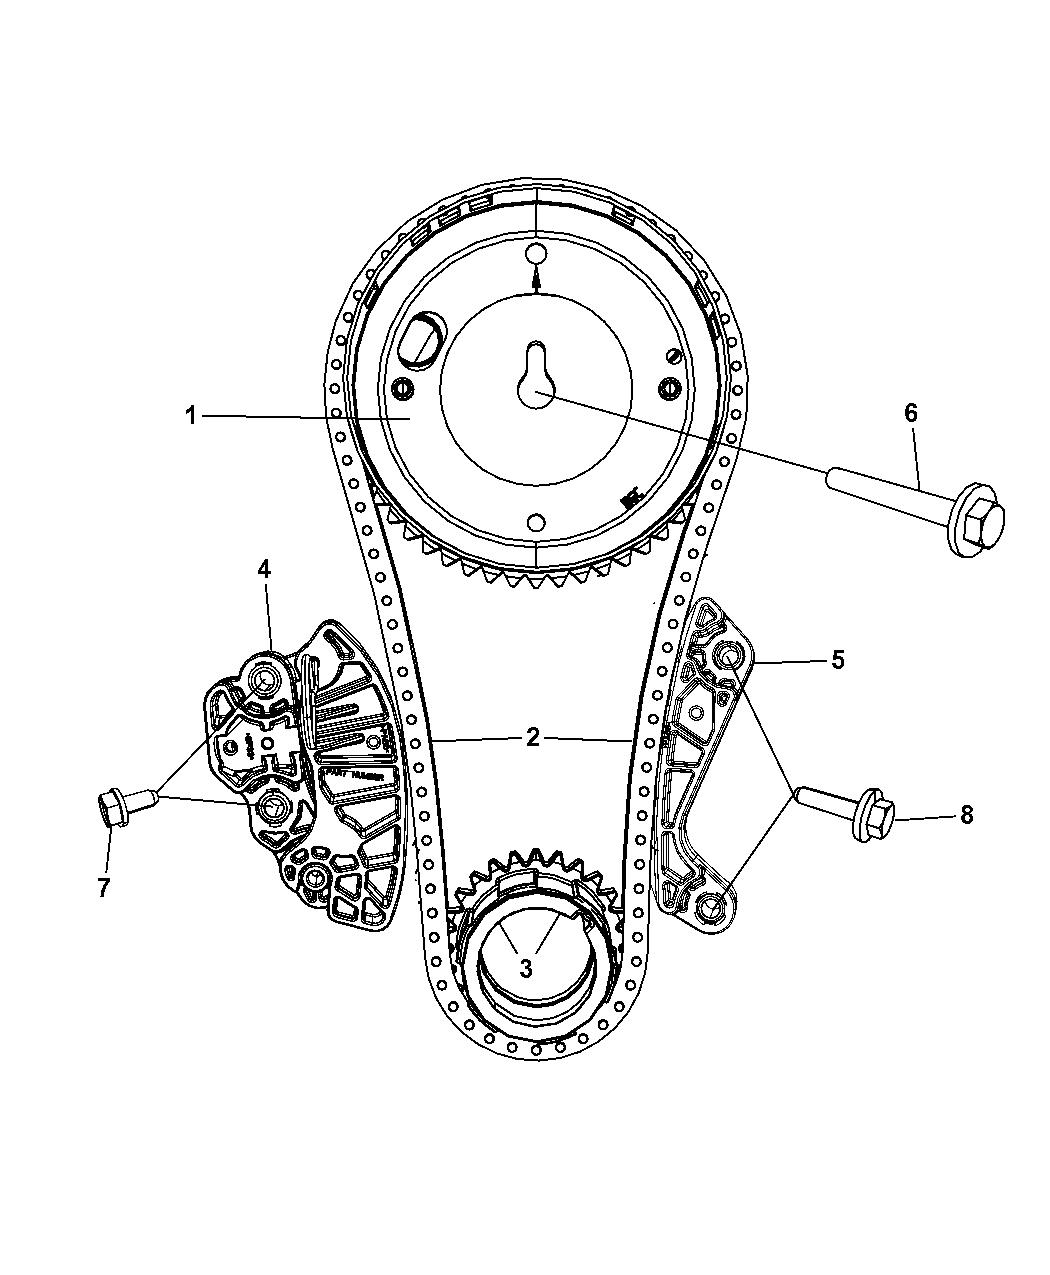 Genuine Mopar SPROCKET-CAMSHAFT